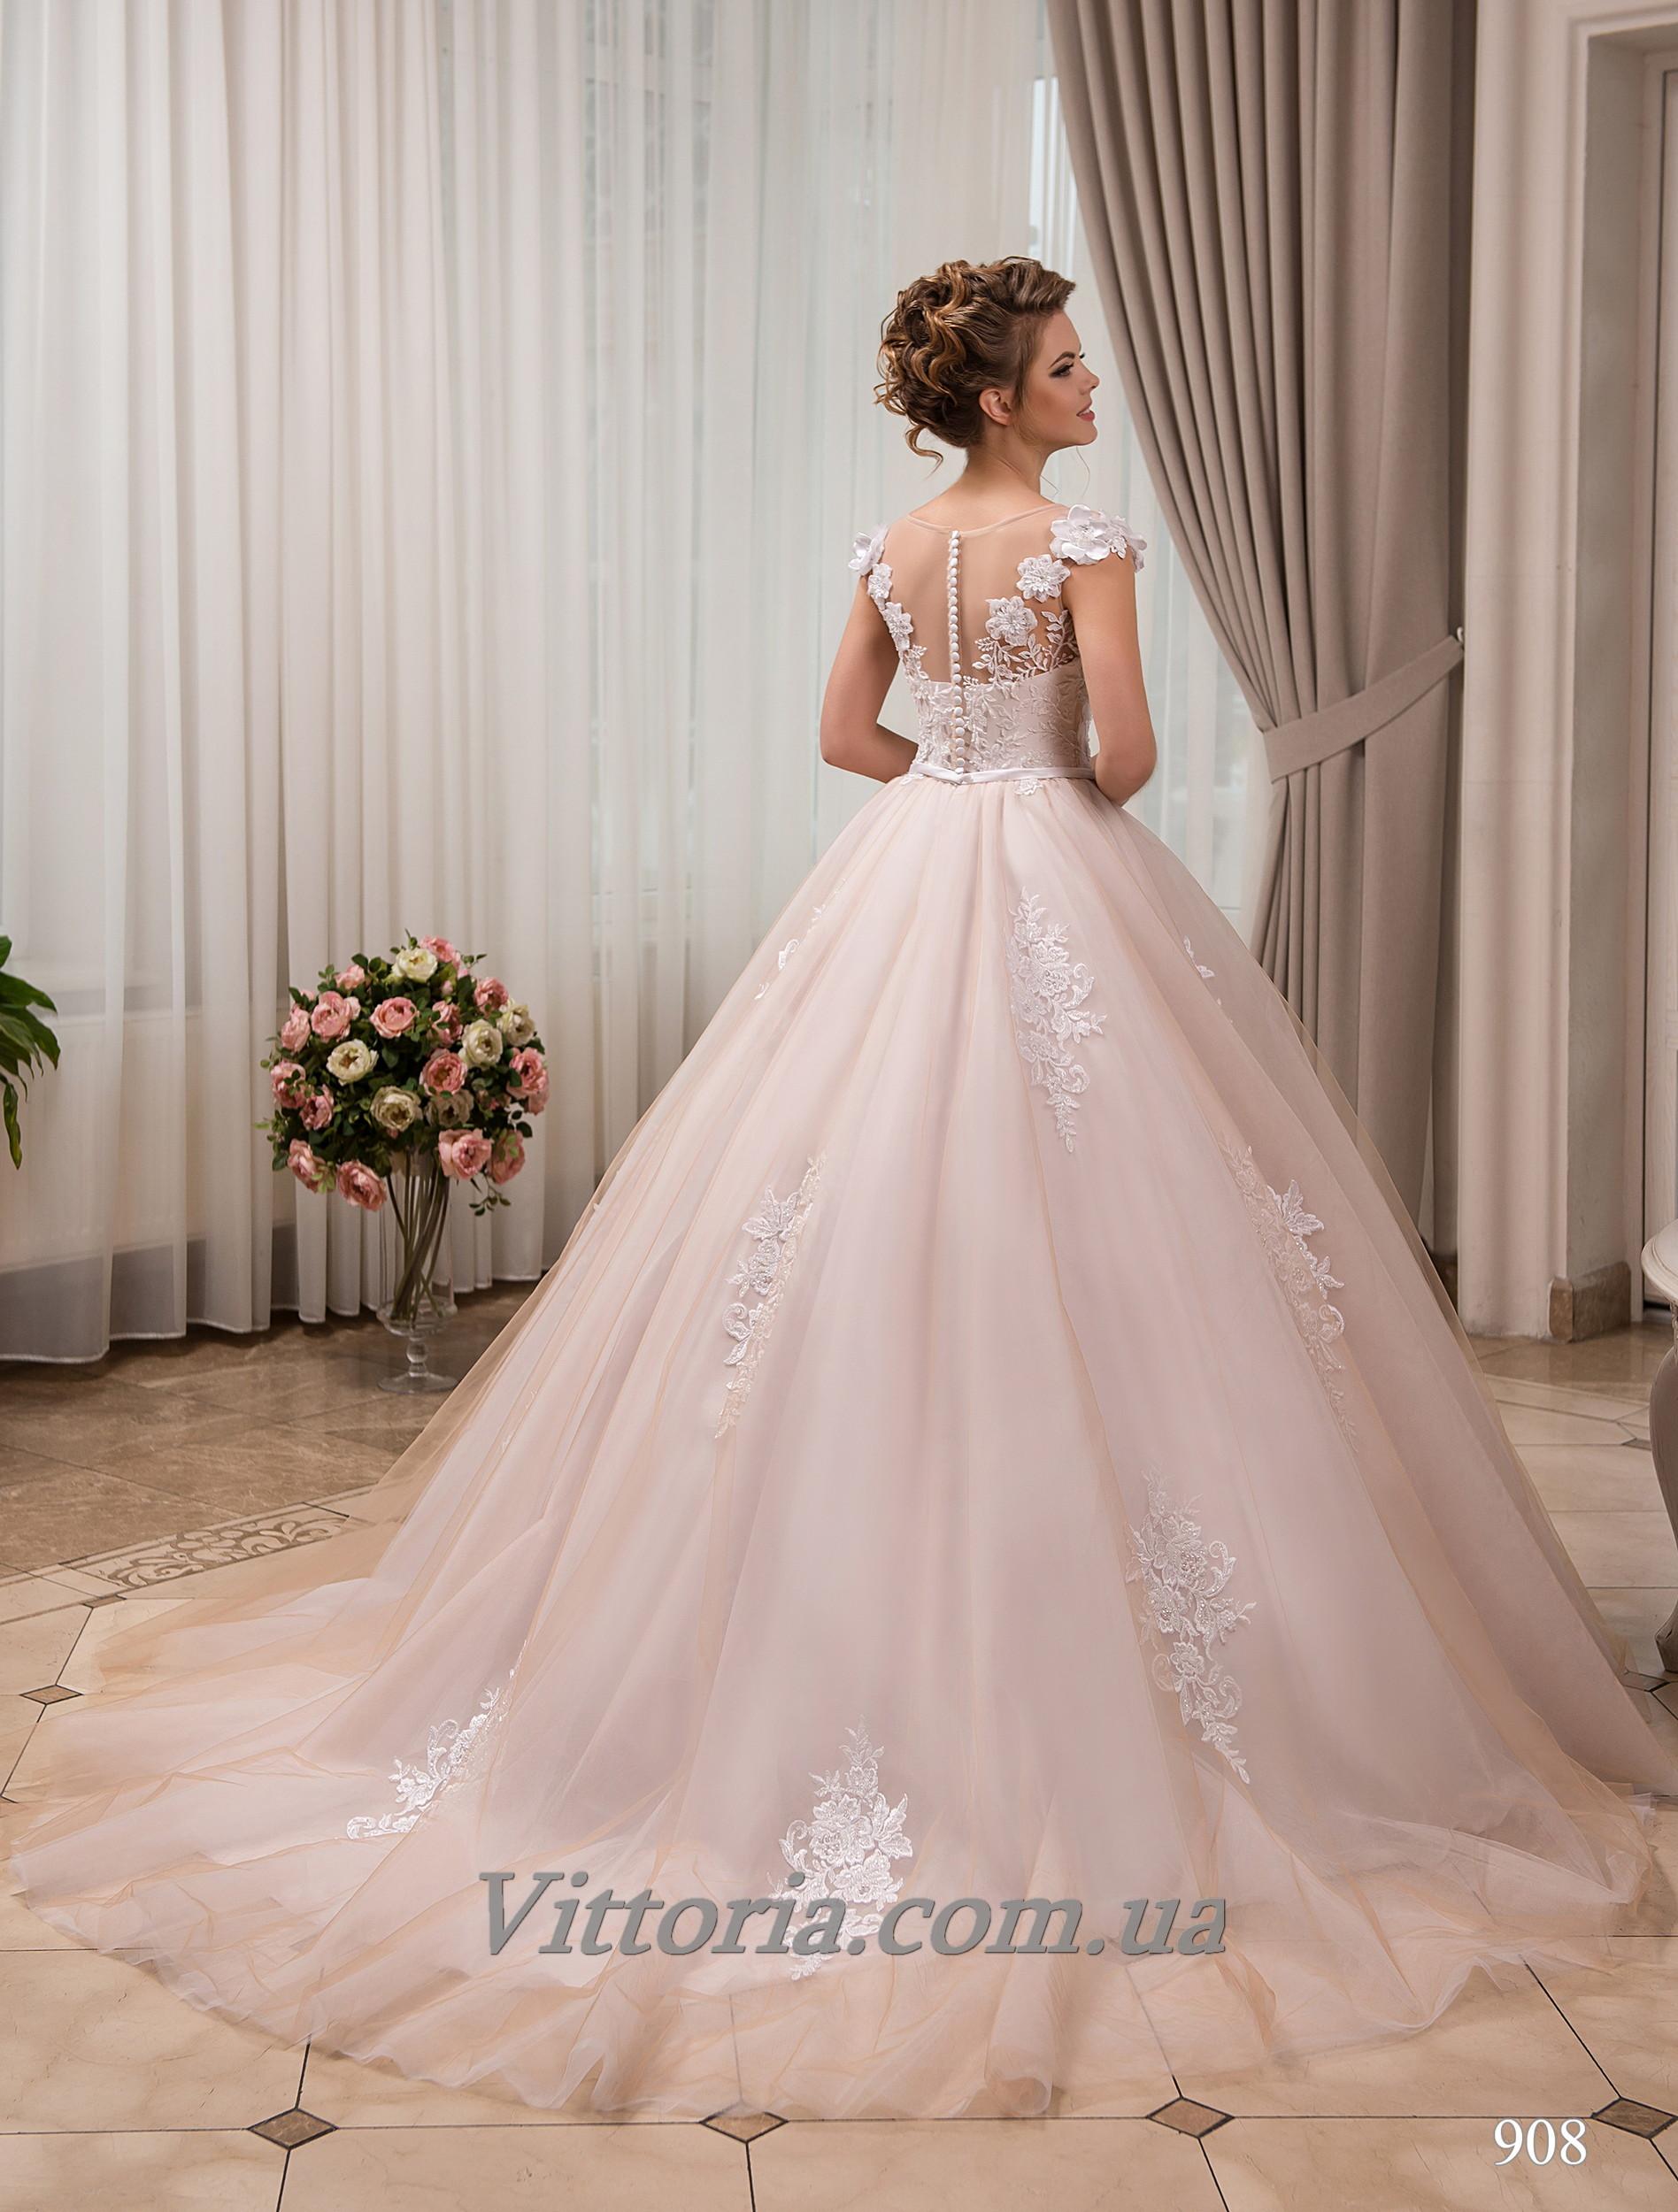 Свадебное платье Модель 17-908